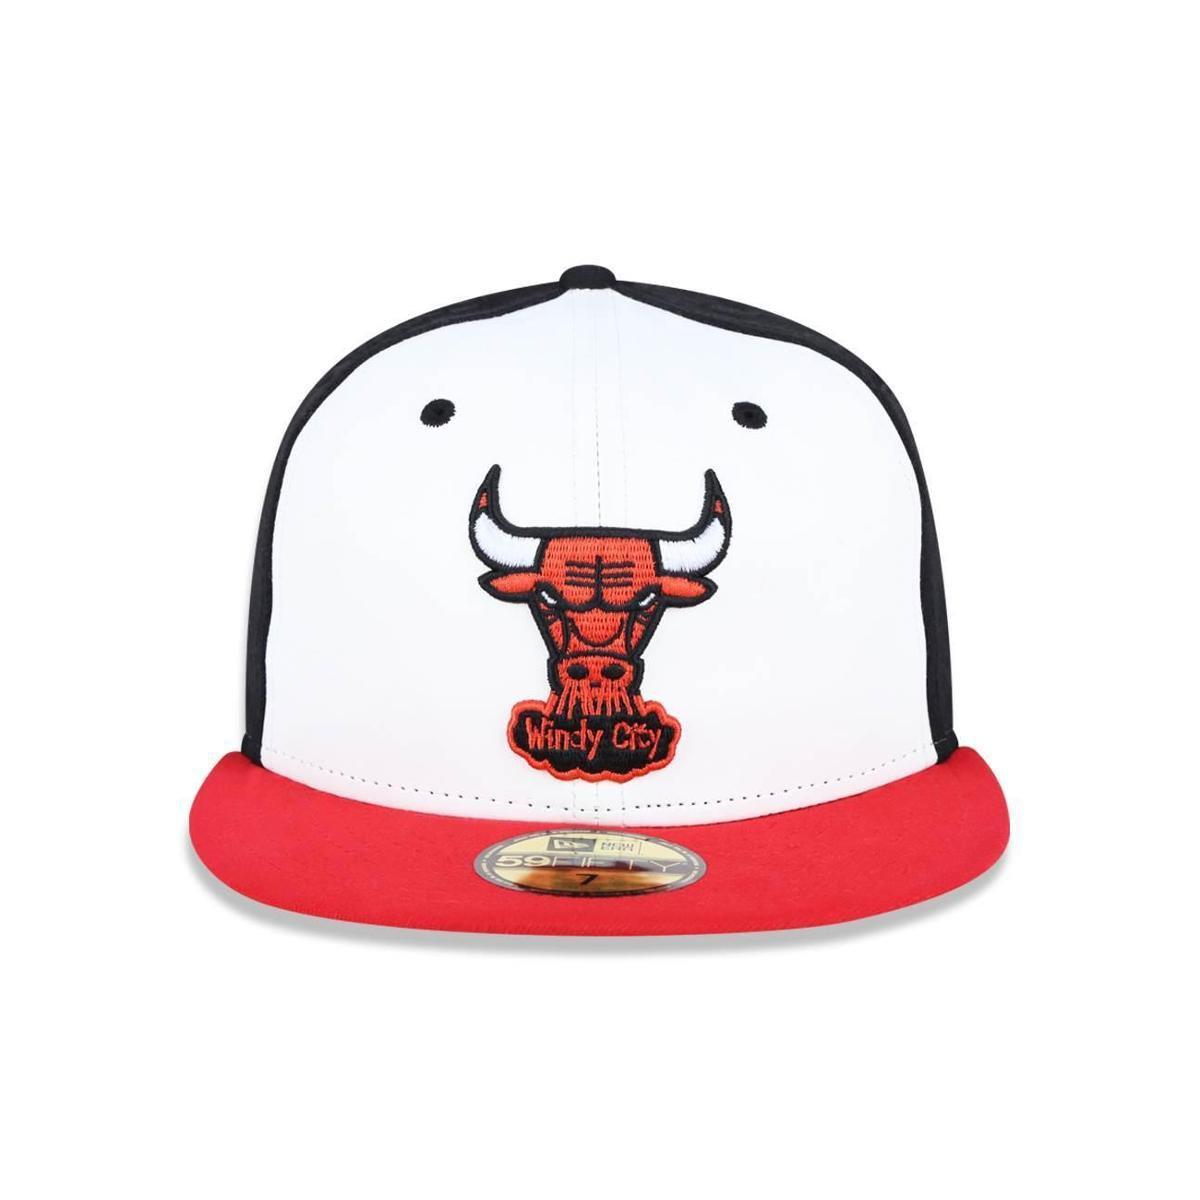 Bone 5950 Chicago Bulls NBA Aba Reta New Era - Compre Agora  2f629961c7d